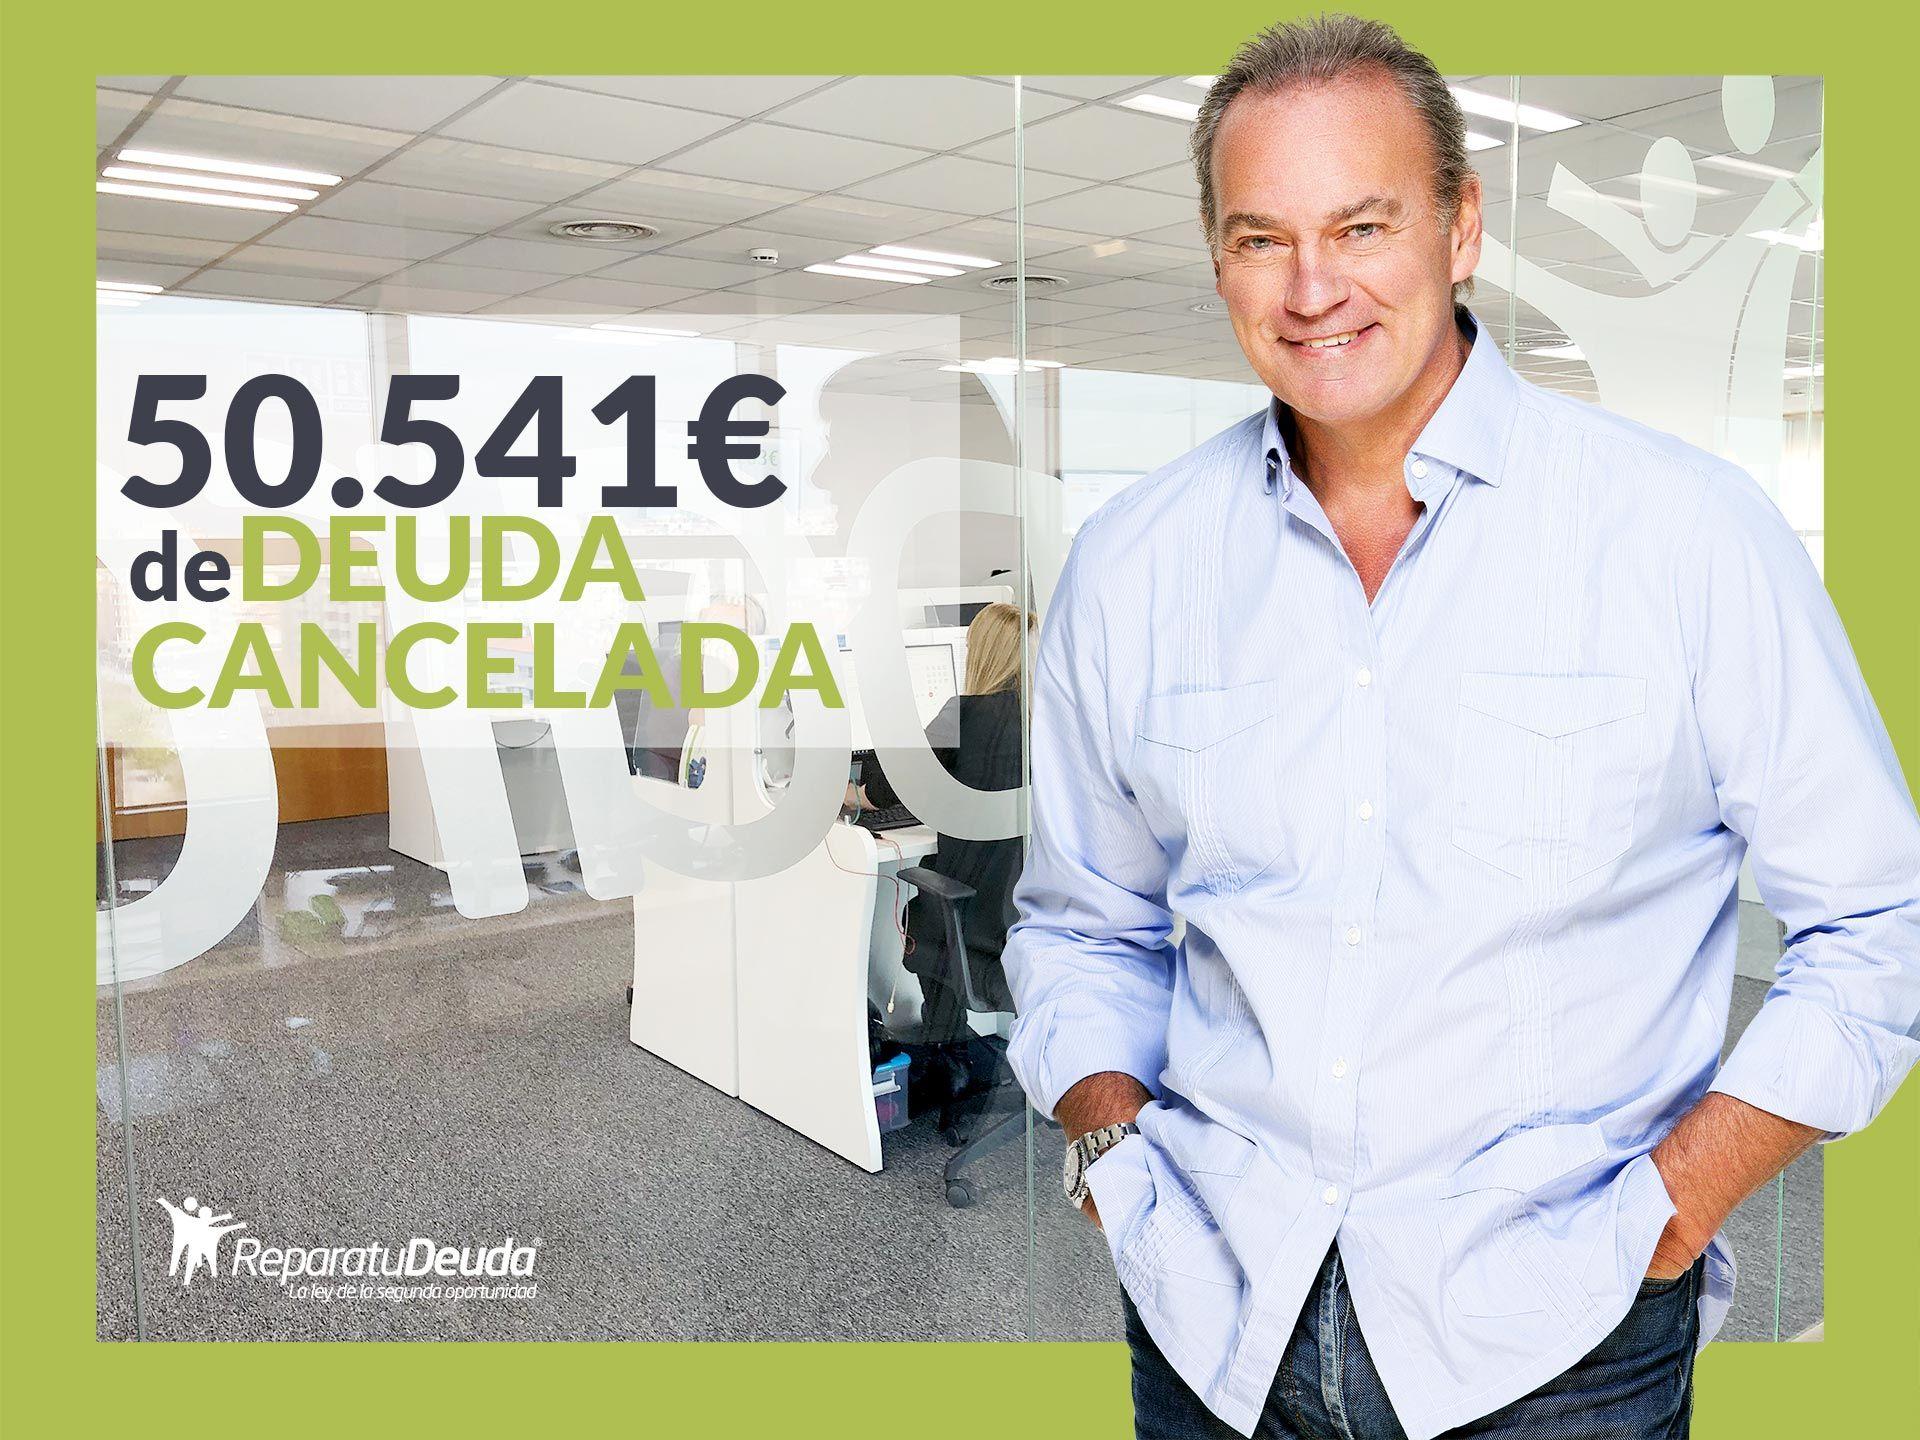 Repara tu Deuda Abogados cancela 50.541 ? en Badajoz (Extremadura) con la Ley de Segunda Oportunidad